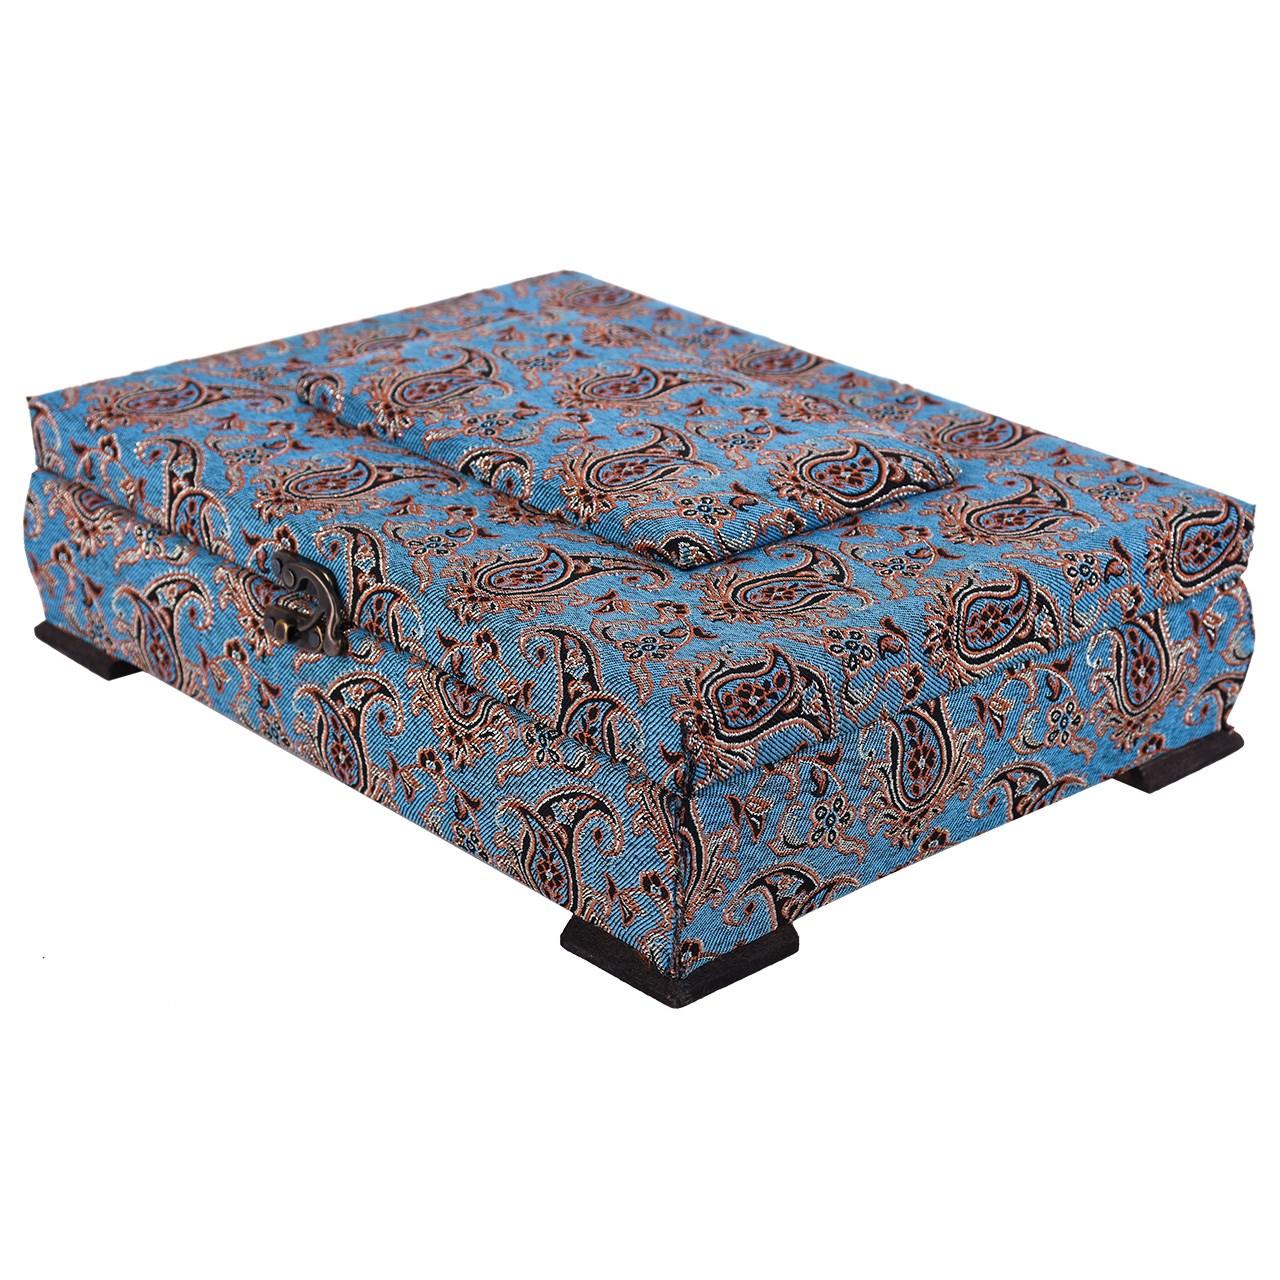 جعبه چوبی پایا چرم طرح ترمه مدل 01-03 سایز بزرگ